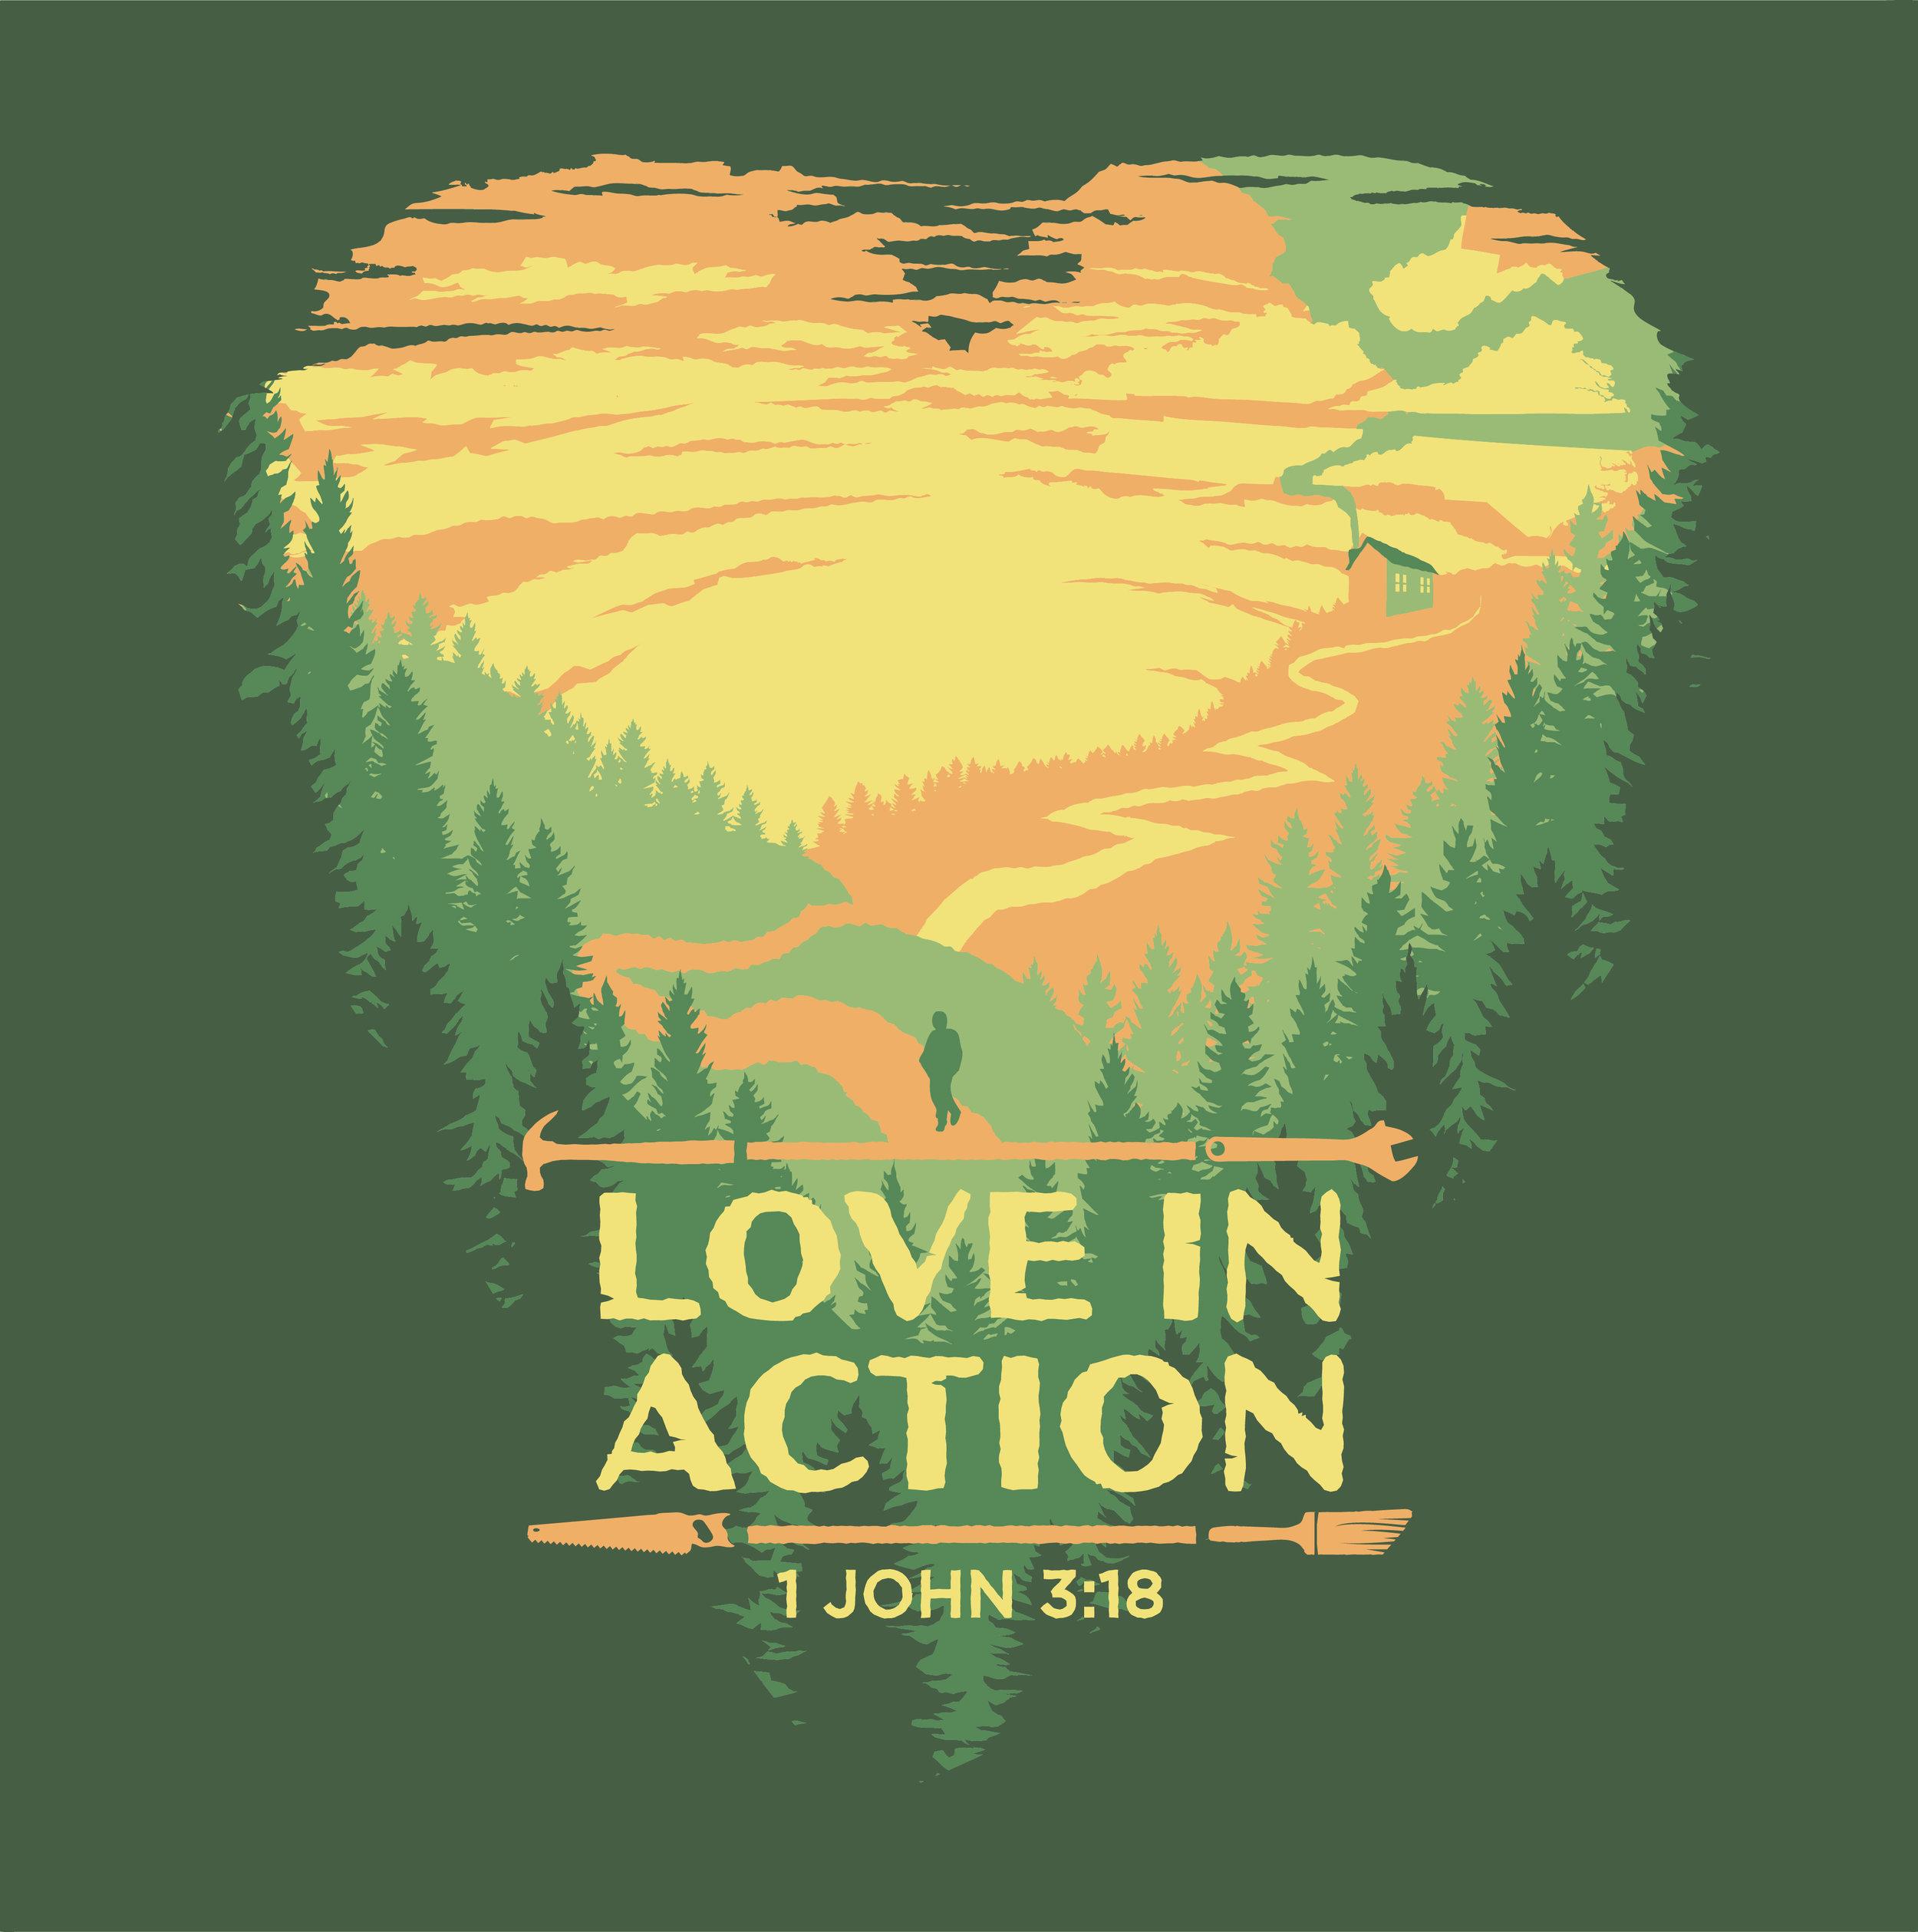 loveinaction_fullcolor.jpg